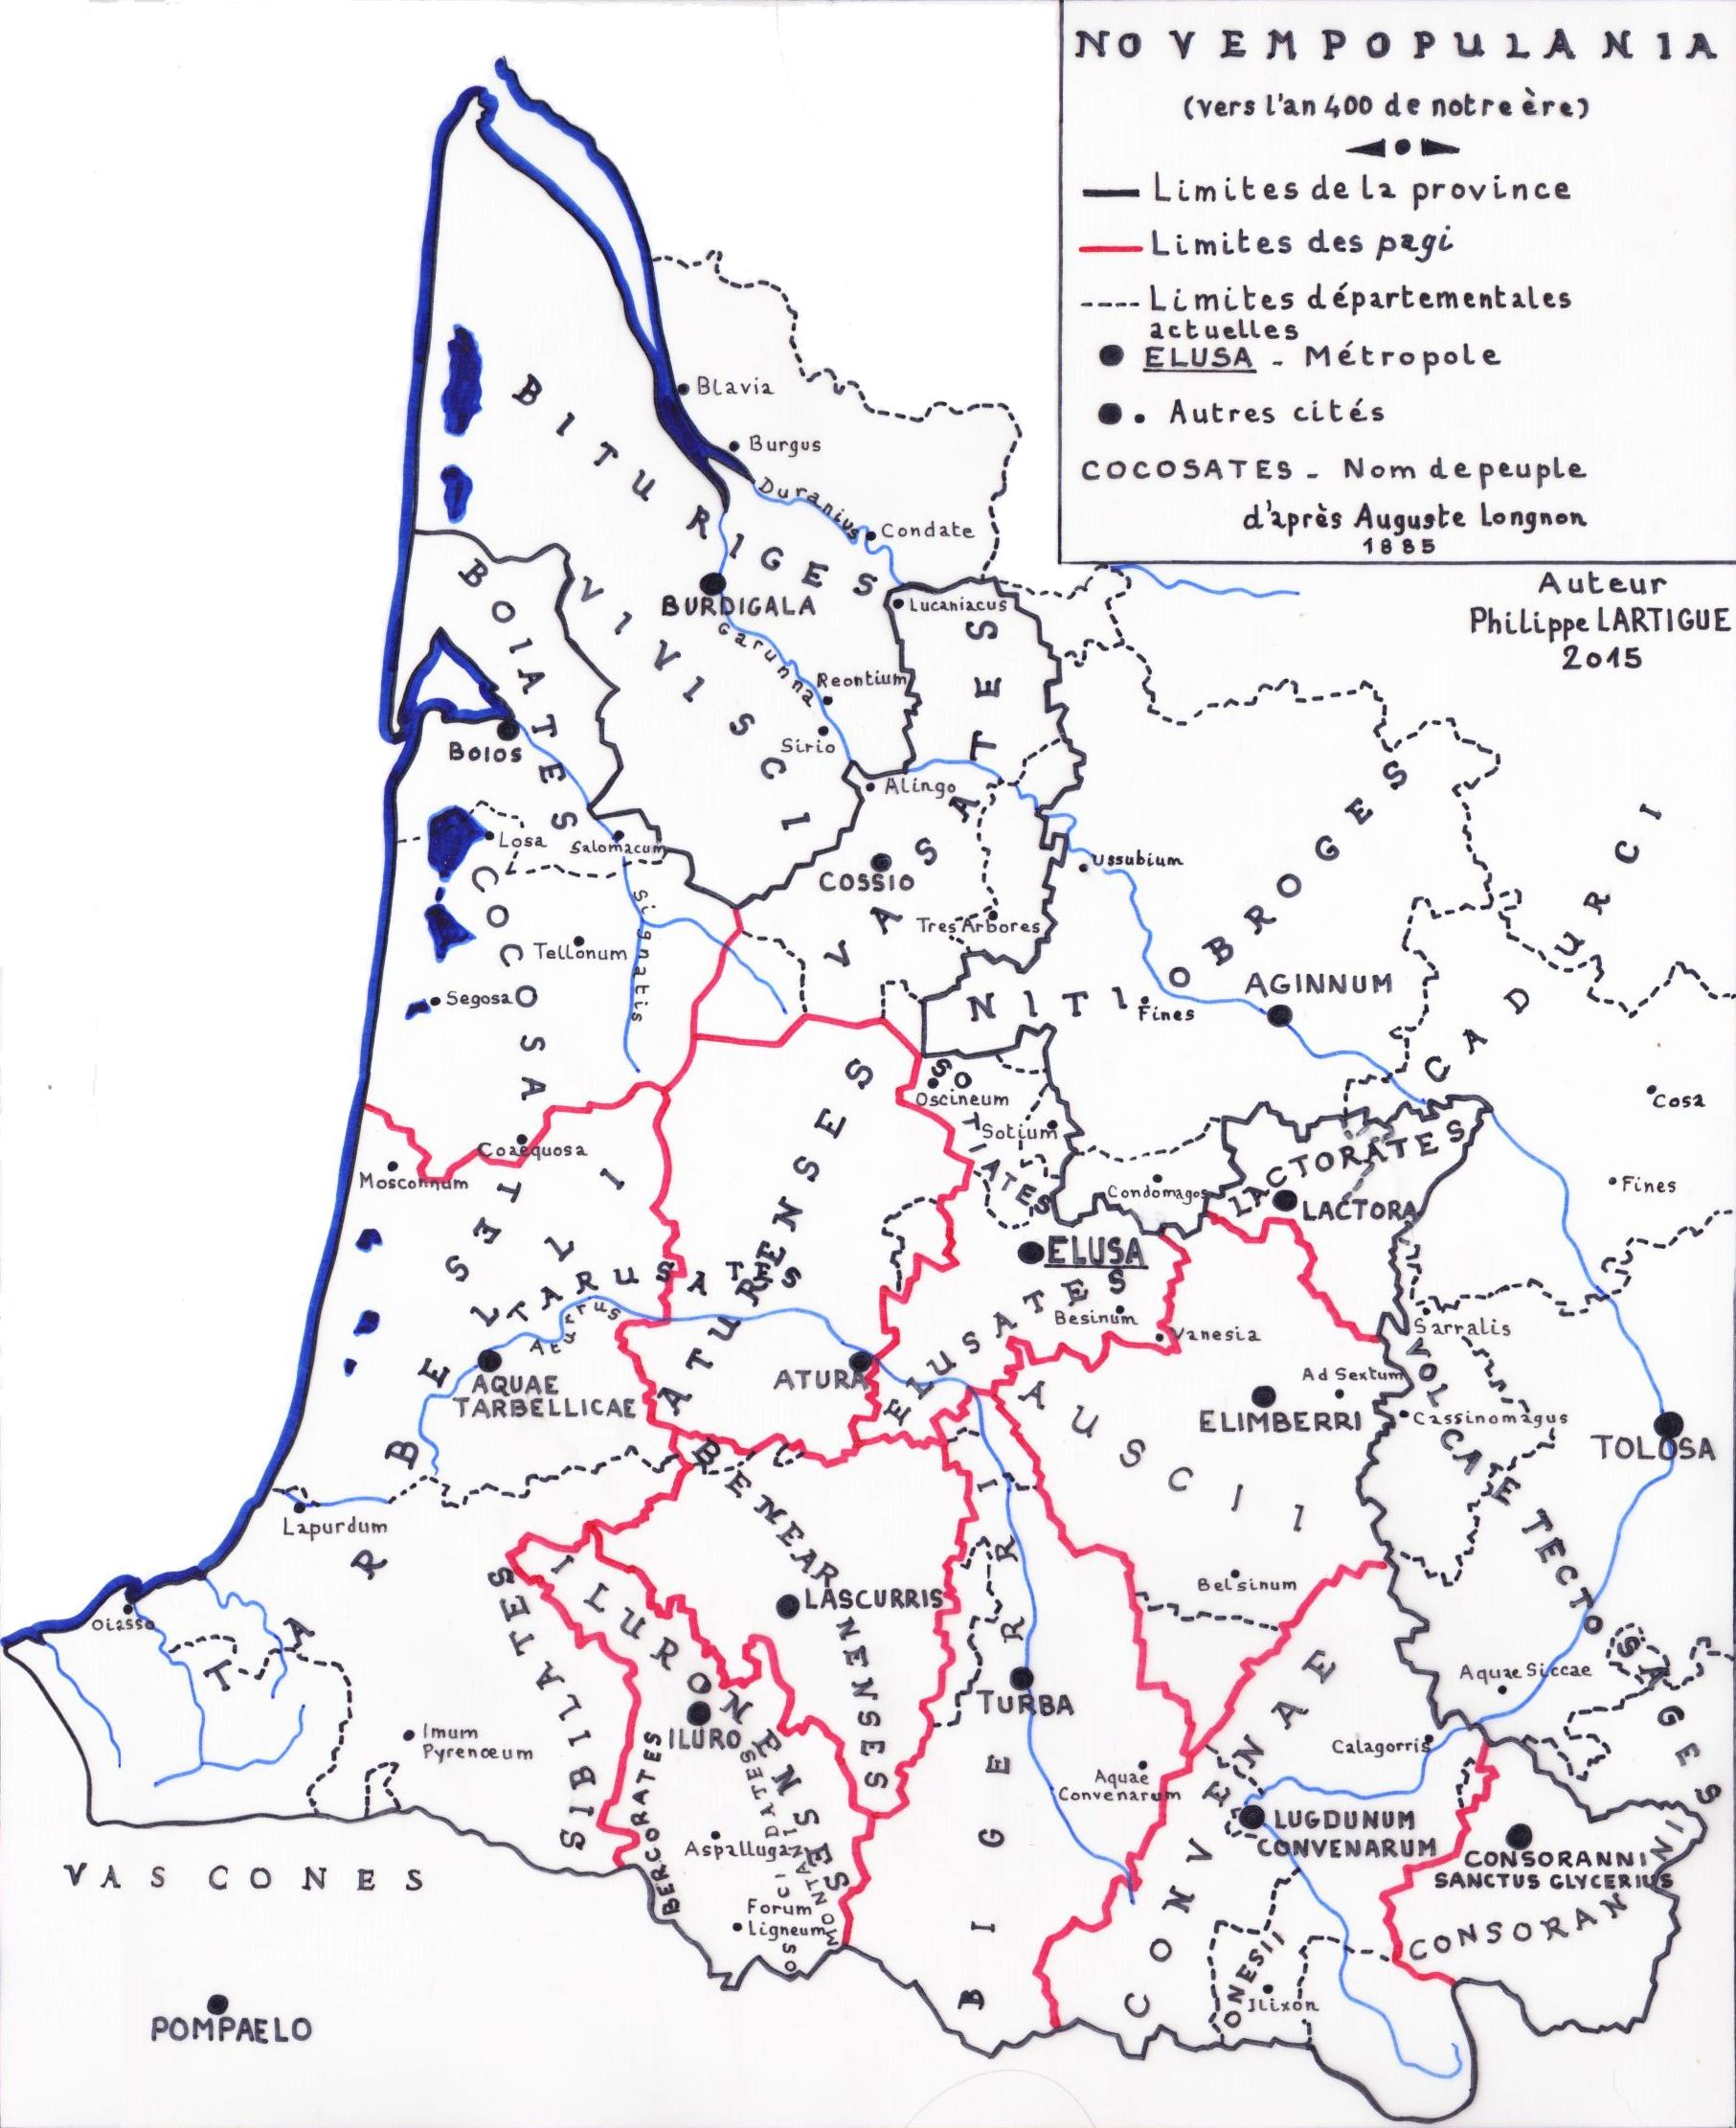 province-de-novempopulanie